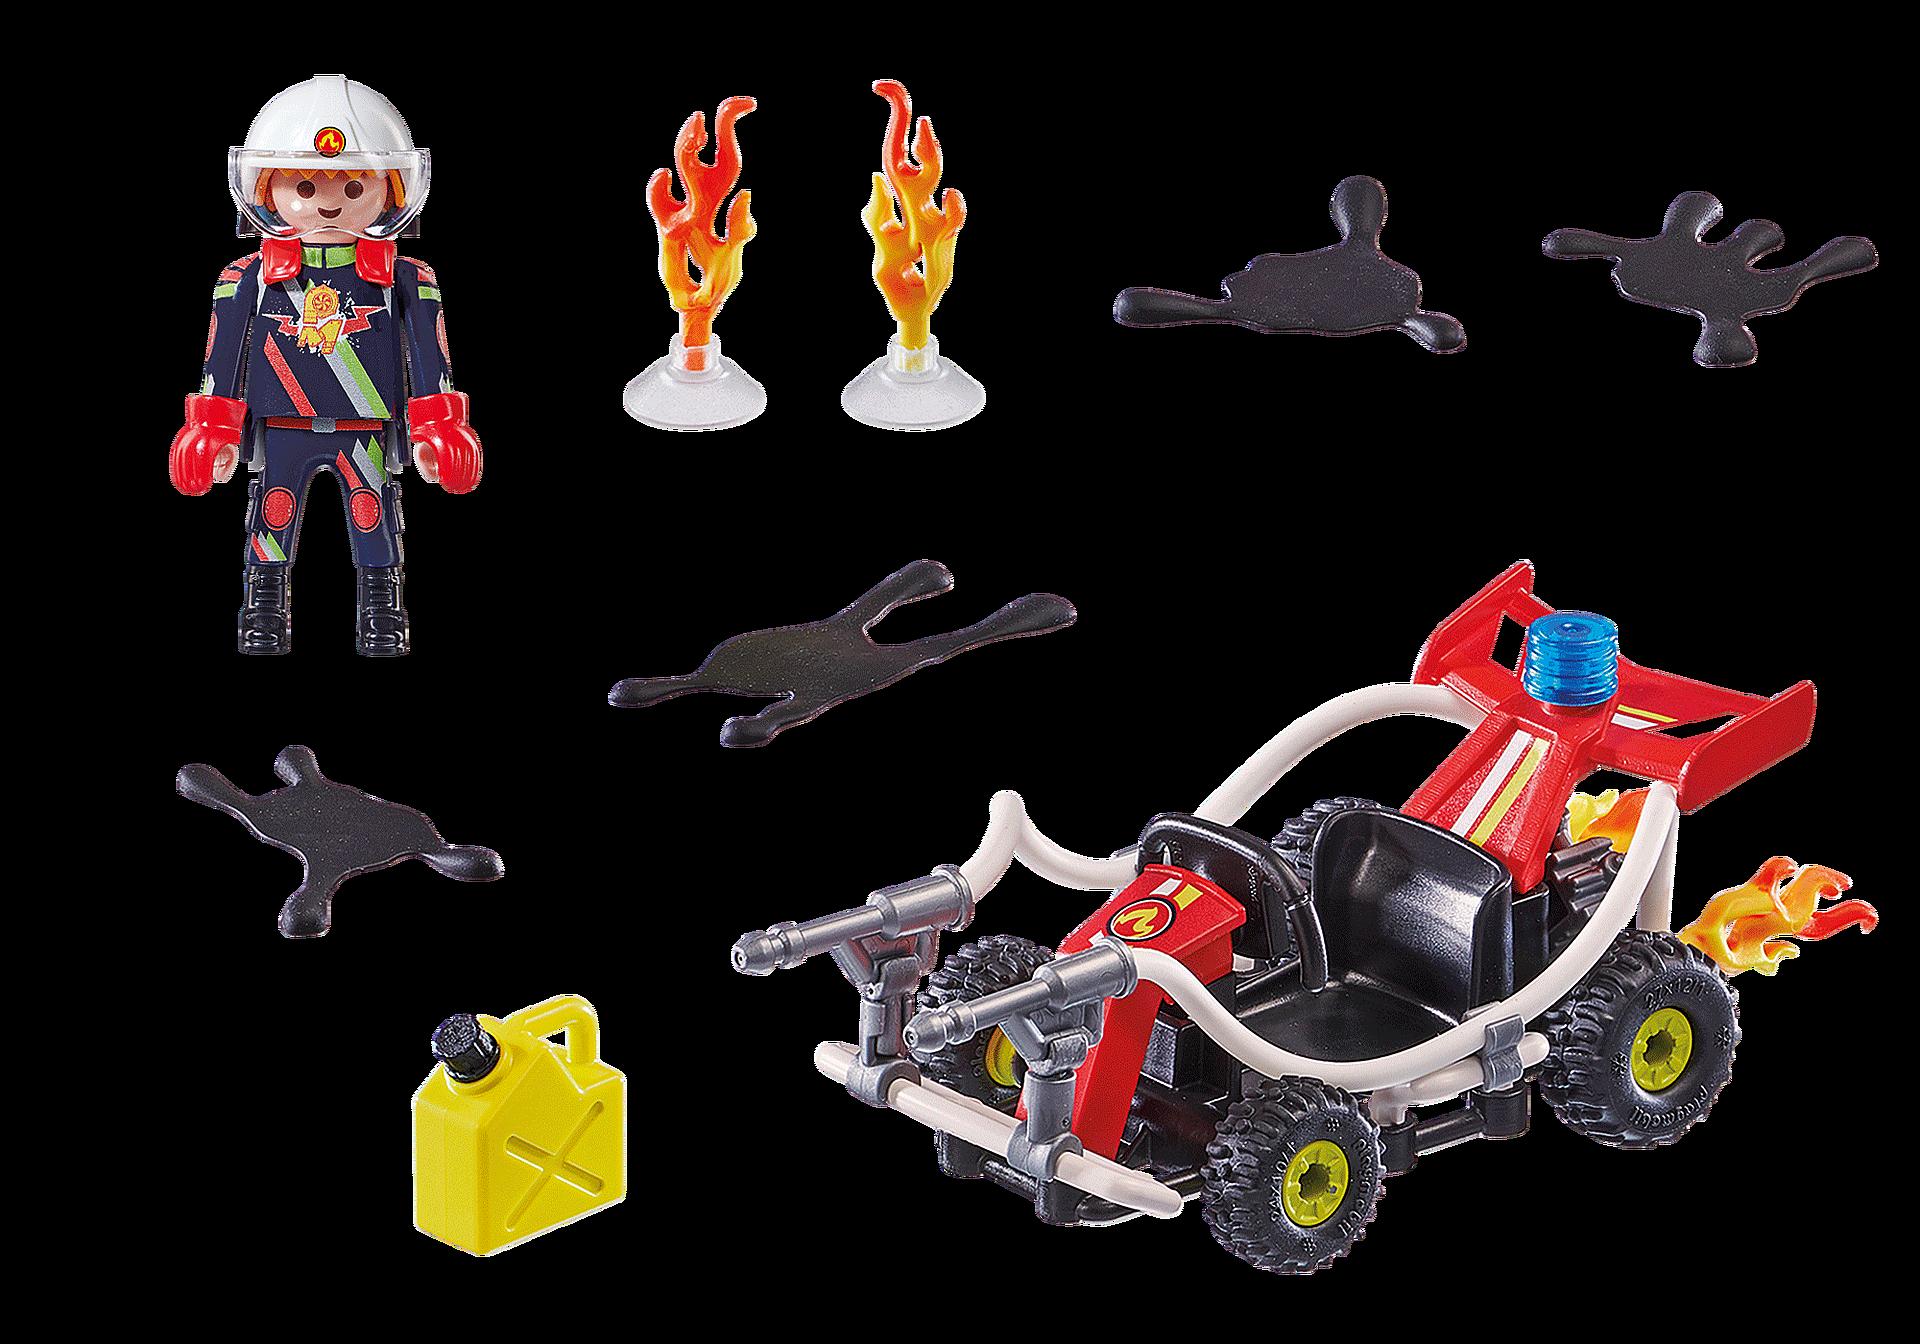 70554 Шоу каскадеров.Служба пожарной безопасности zoom image3